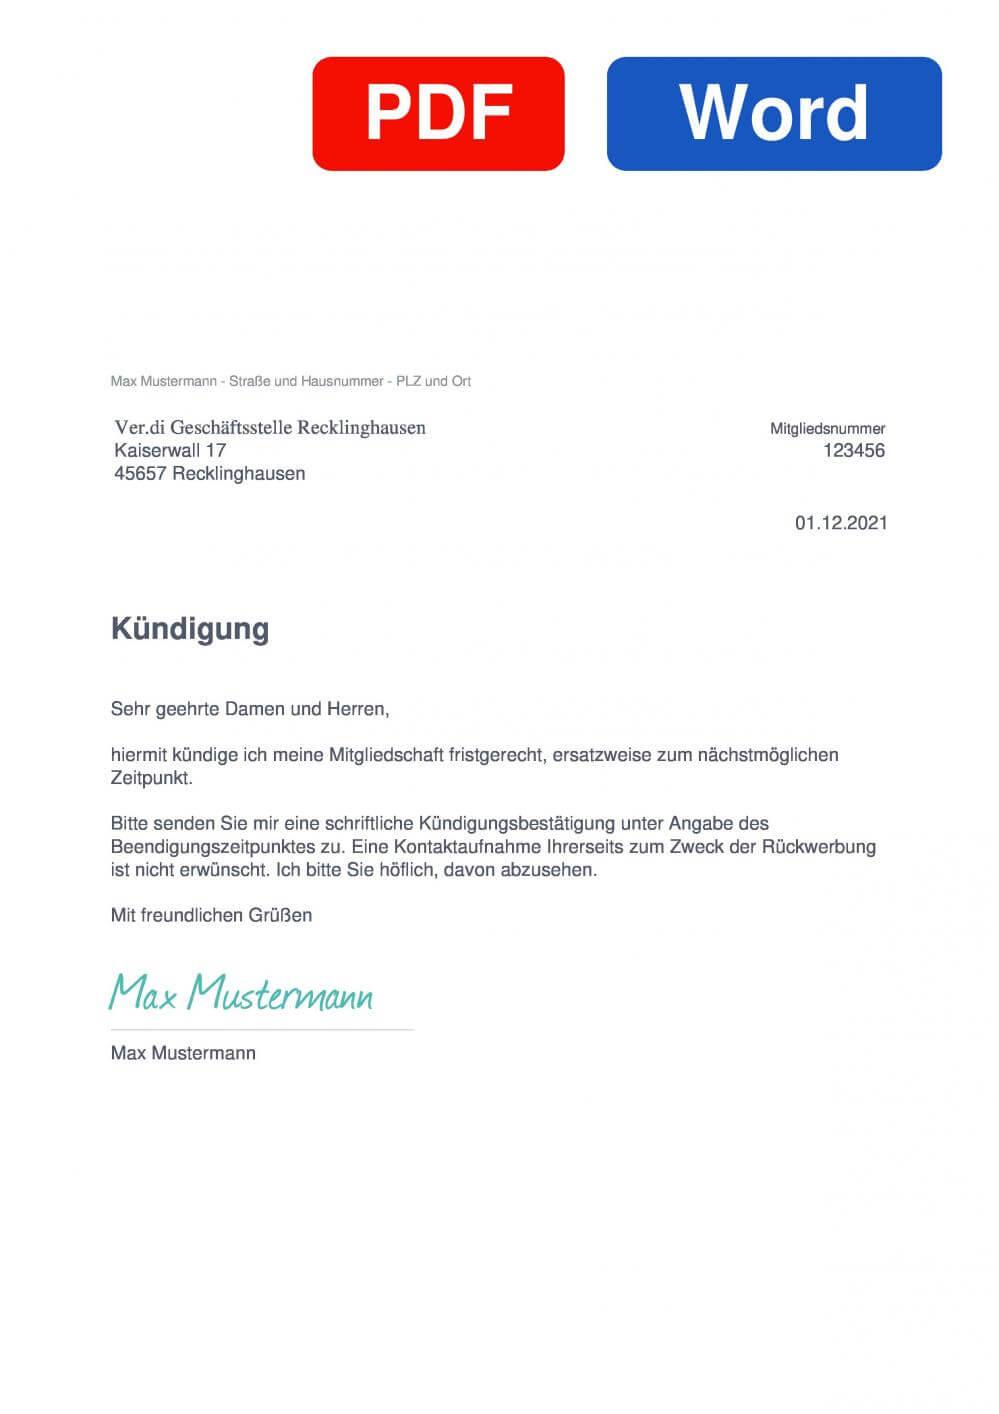 Verdi Recklinghausen Muster Vorlage für Kündigungsschreiben